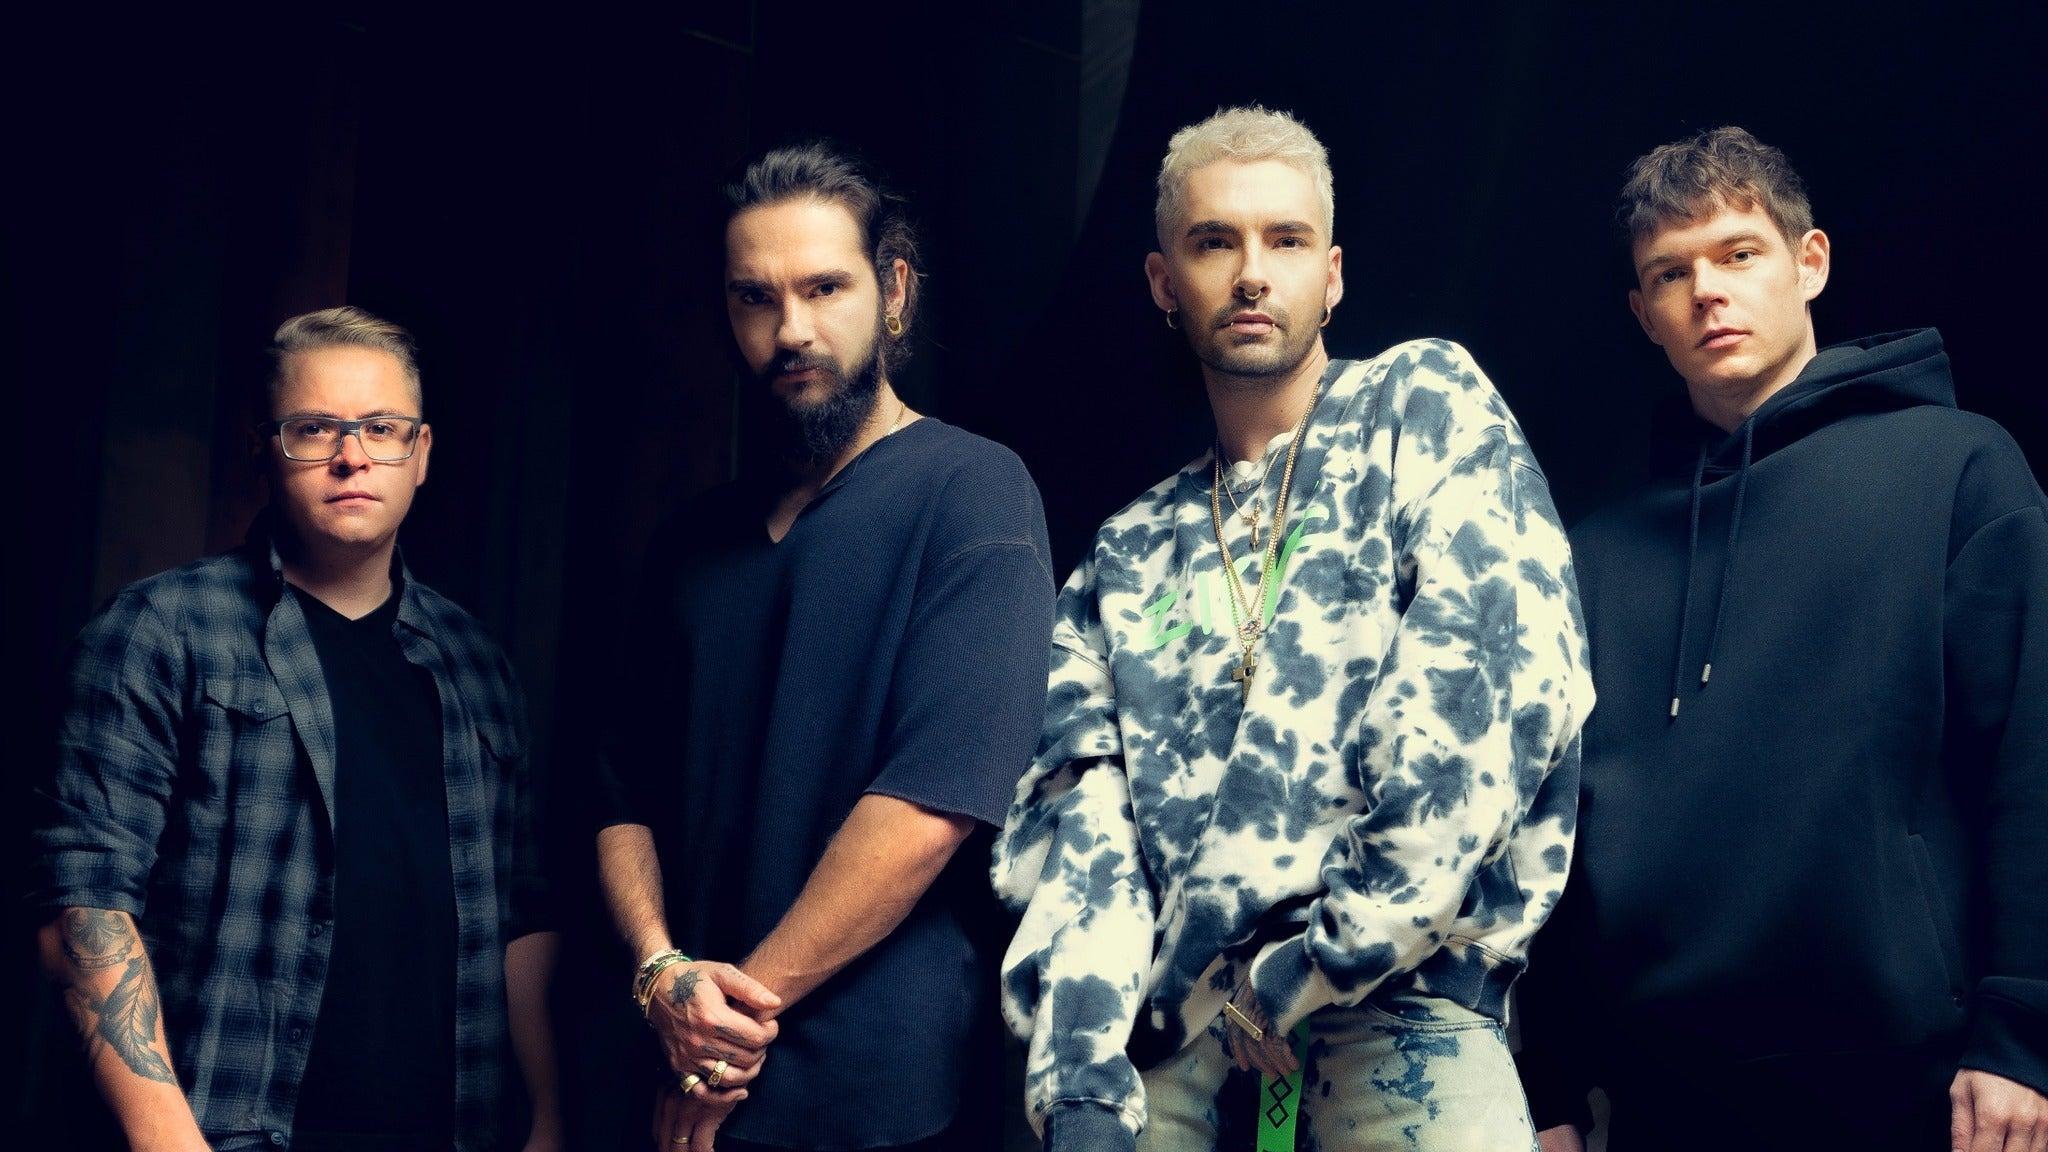 Tokio Hotel - Beyond The World Tour 2022 in Frankfurt am Main